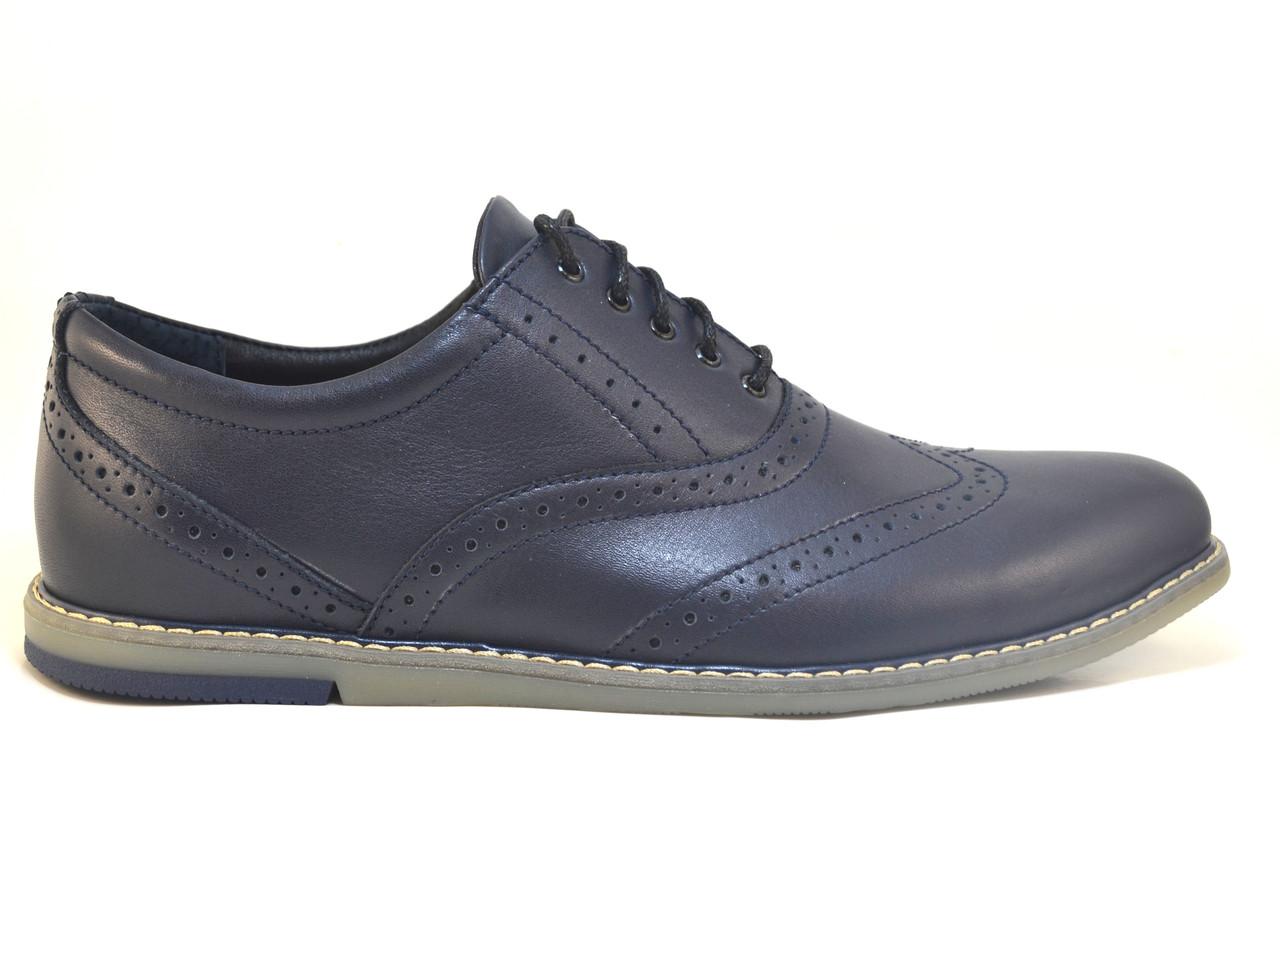 Туфли мужские комфорт из натуральной кожи синие броги на каждый день Rosso Avangard BS Felicete Cardinall Blu